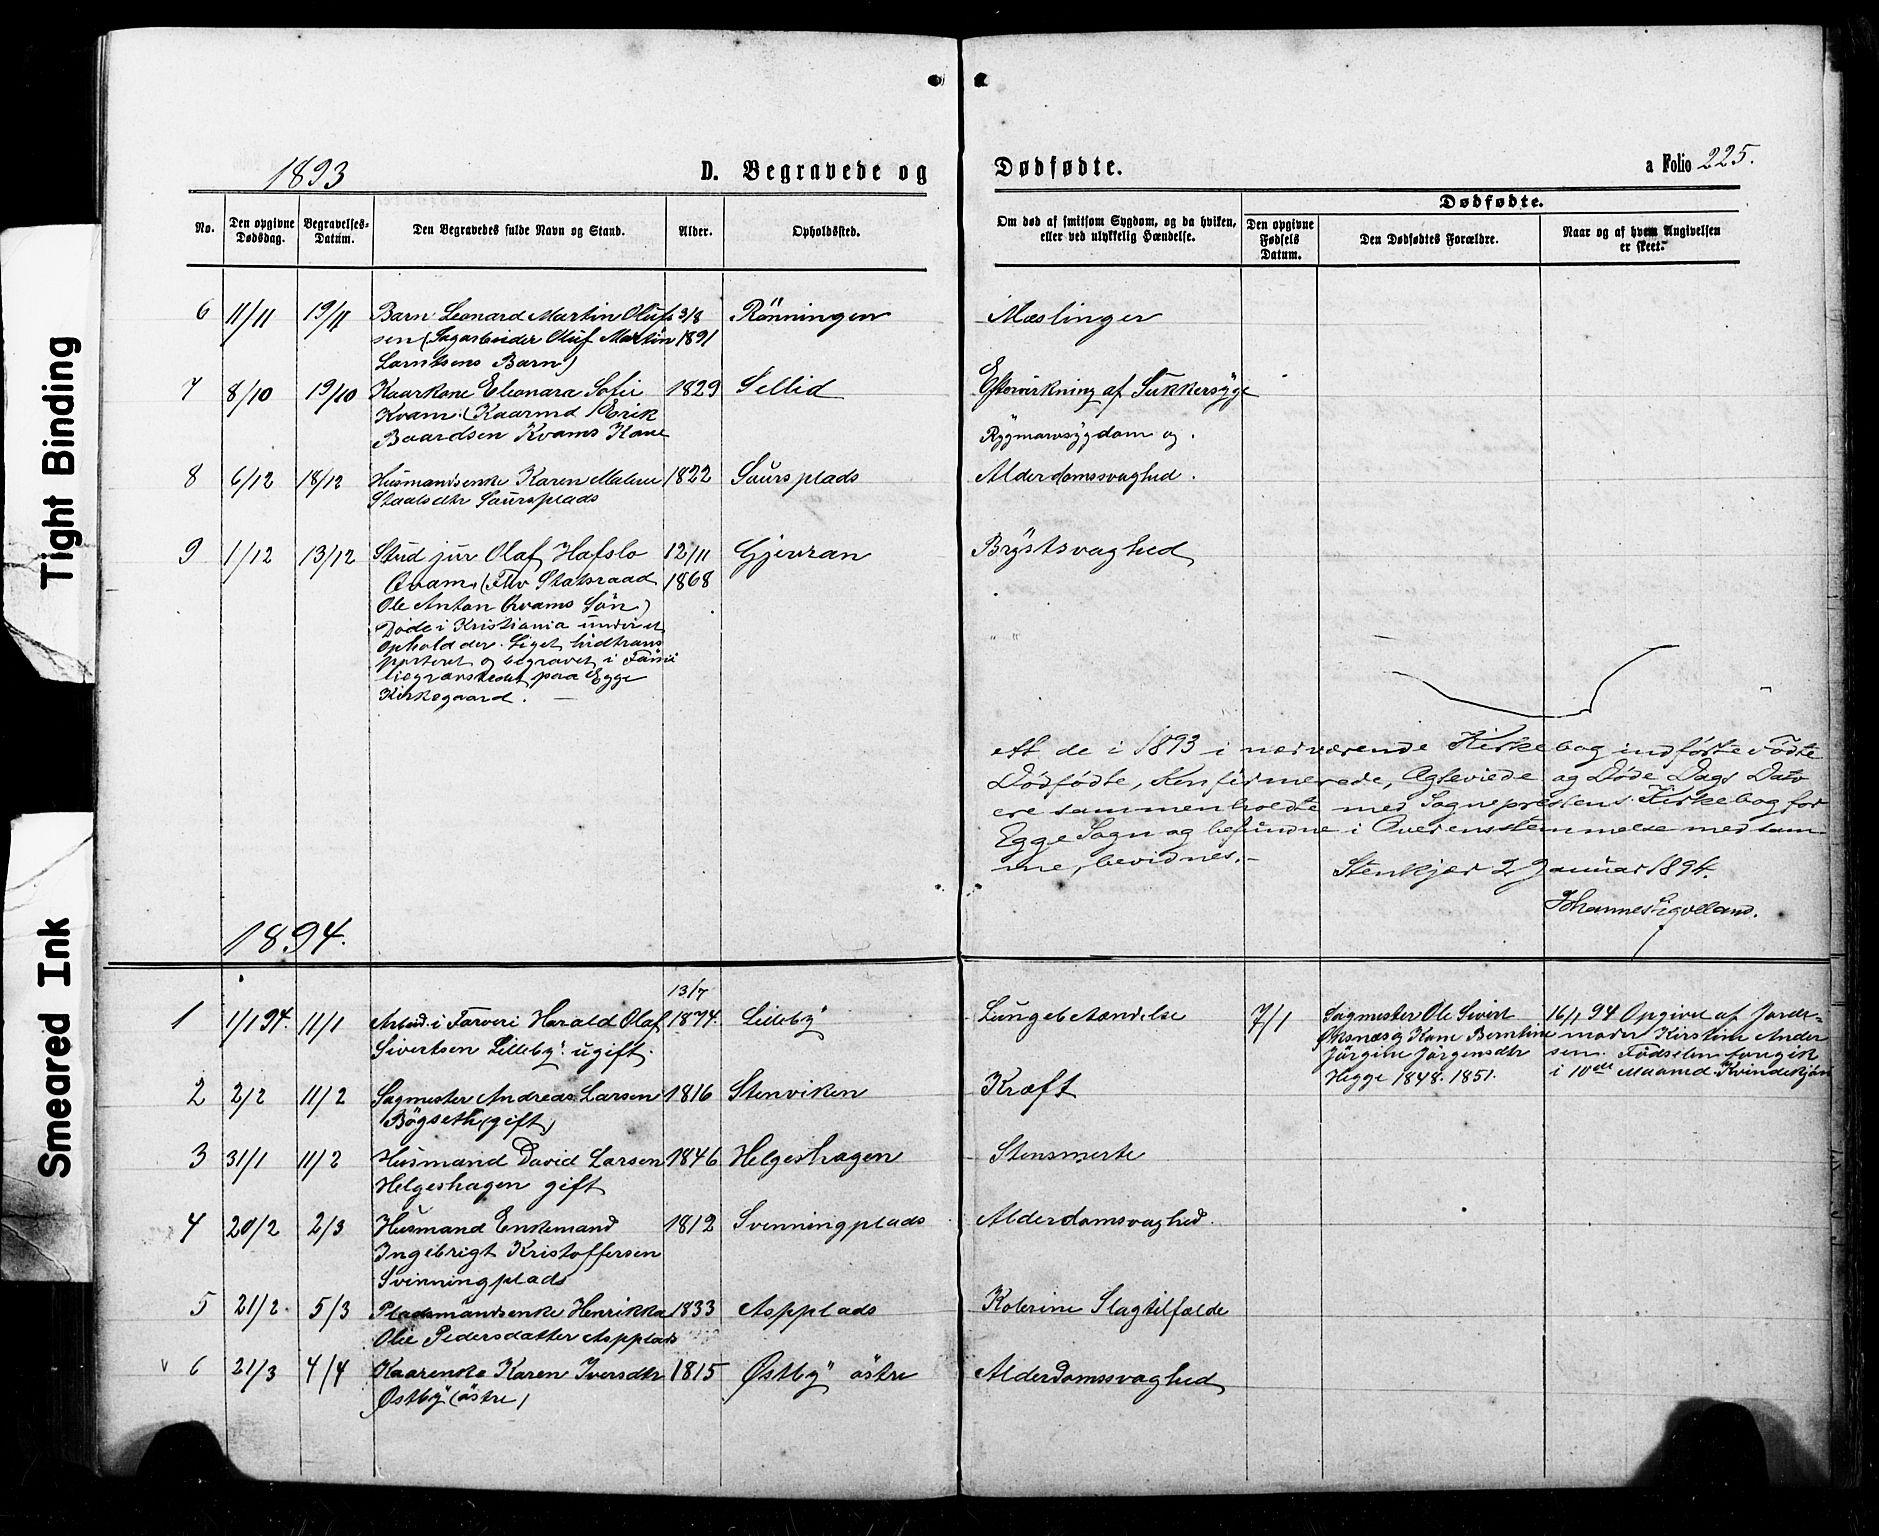 SAT, Ministerialprotokoller, klokkerbøker og fødselsregistre - Nord-Trøndelag, 740/L0380: Klokkerbok nr. 740C01, 1868-1902, s. 225